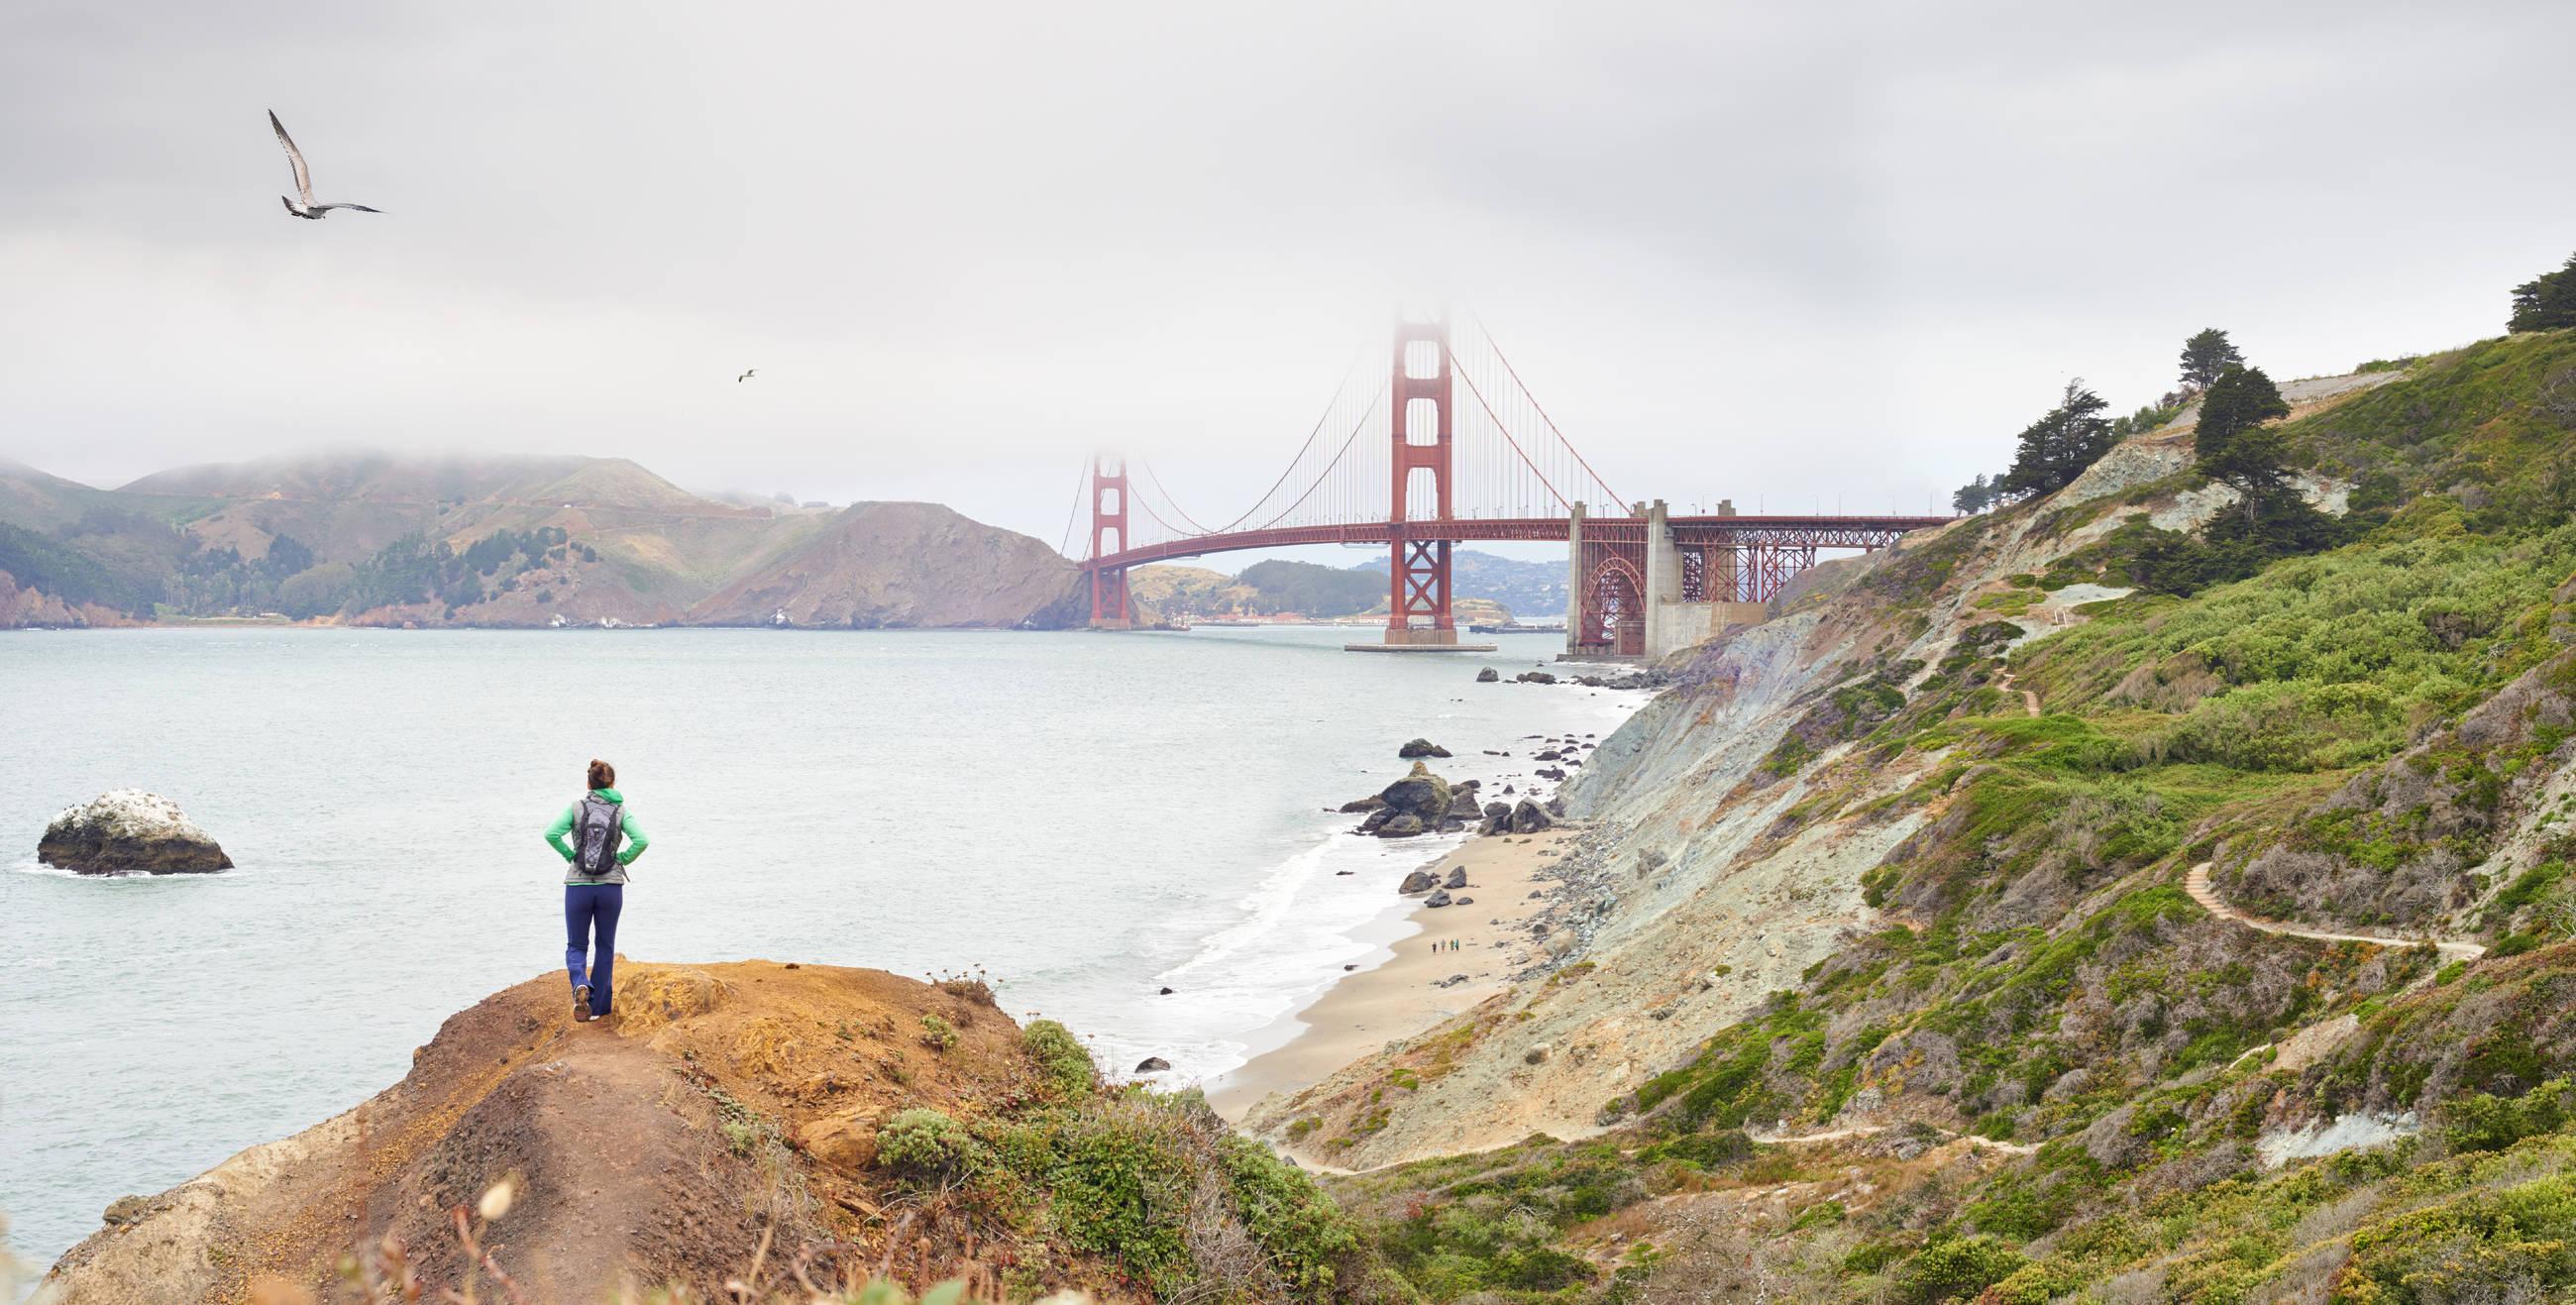 Was-man-in-San-Francisco-tun-und-bleiben-lassen-sollte:-Wie-Ihr-das-Beste-aus-eurem-Urlaub-macht